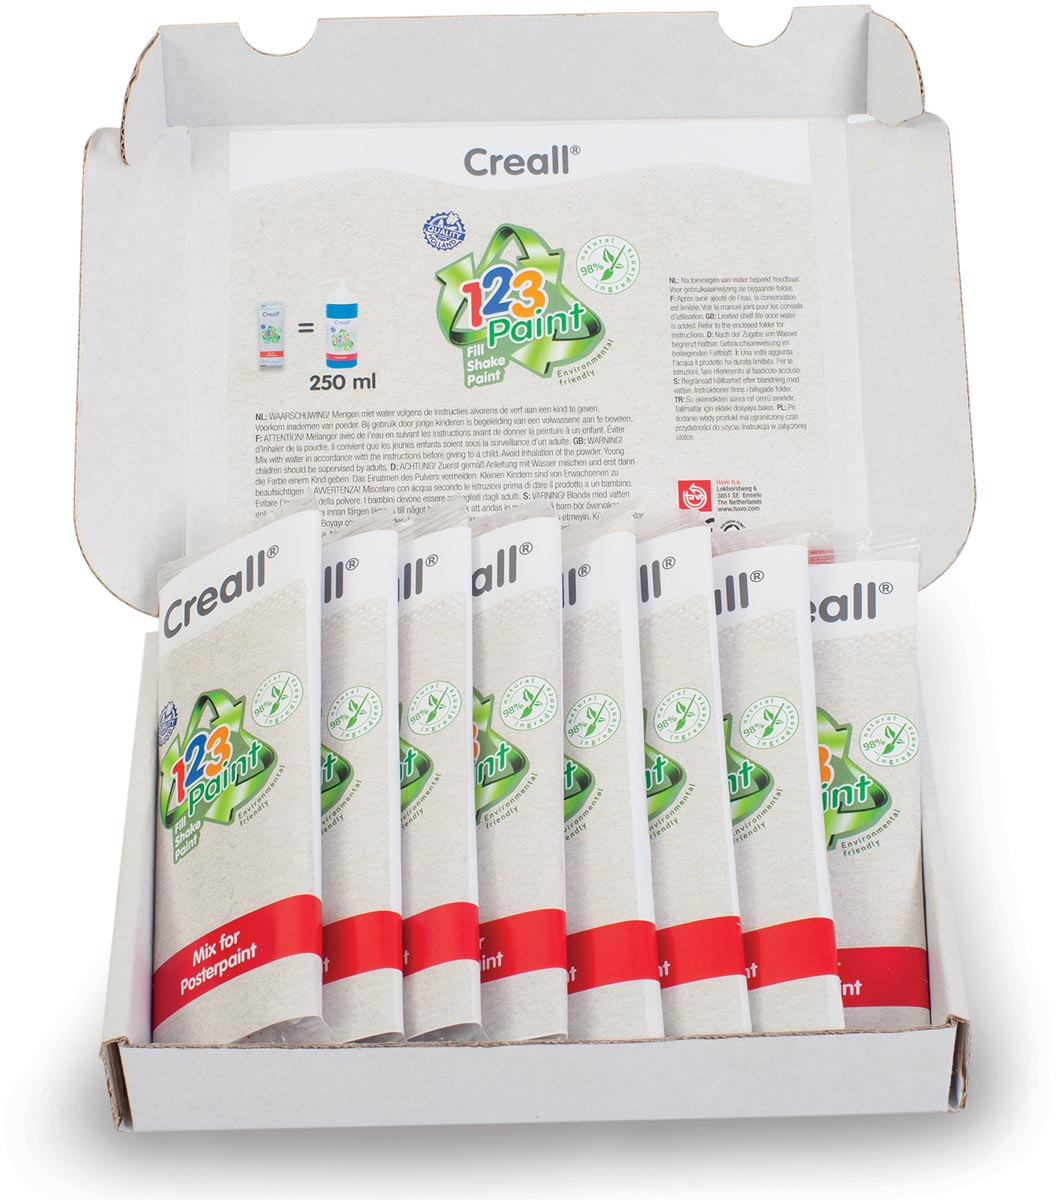 Creall plakkaatverf in poedervorm 1-2-3 Paint, refill set met 8 geassorteerde kleuren